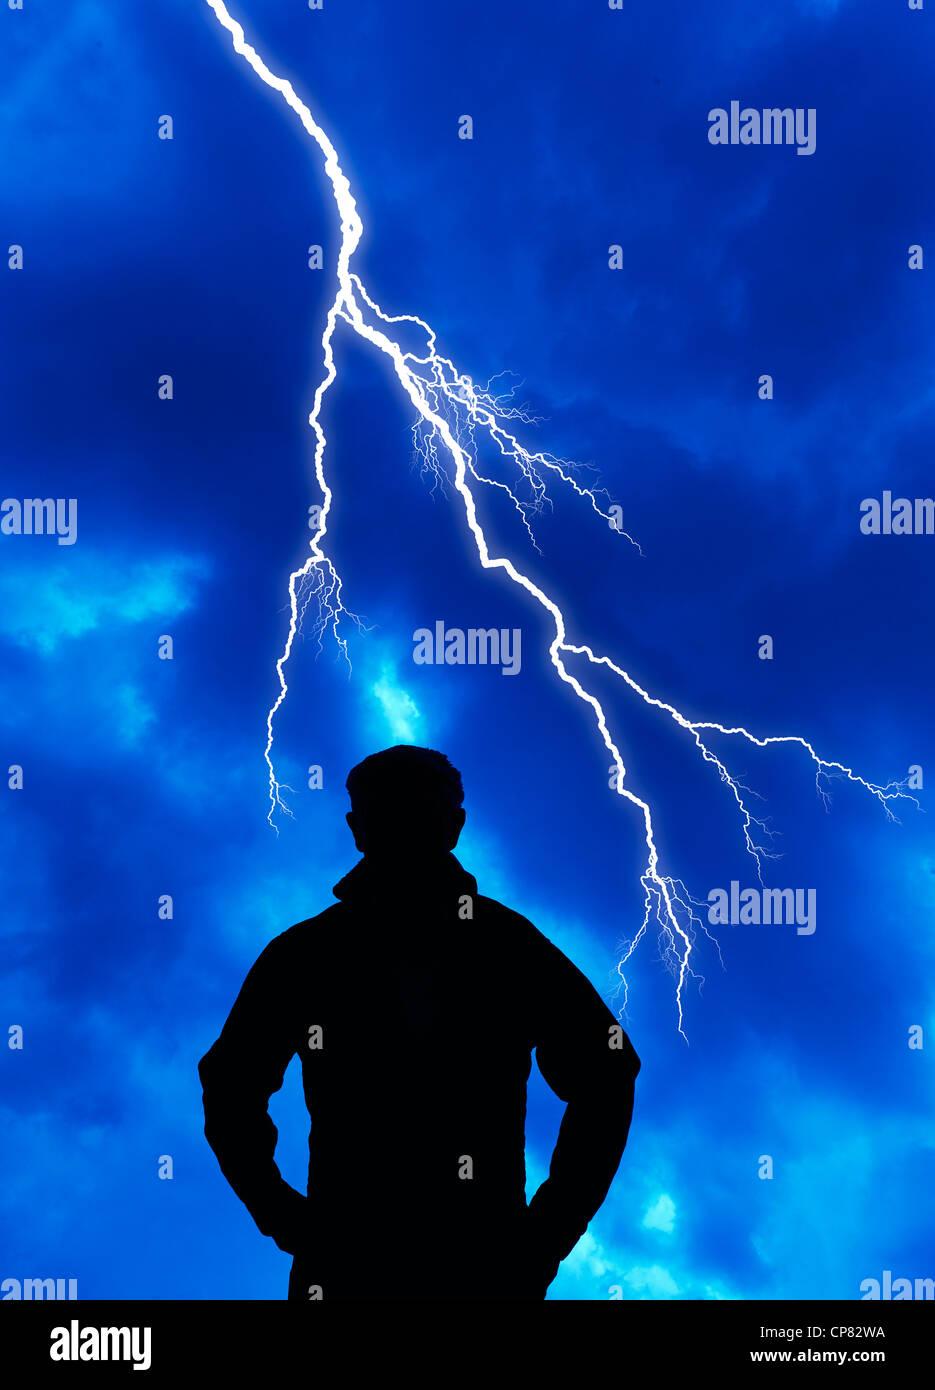 computergenerierte Silhouette des Mannes und Blitz Stockbild